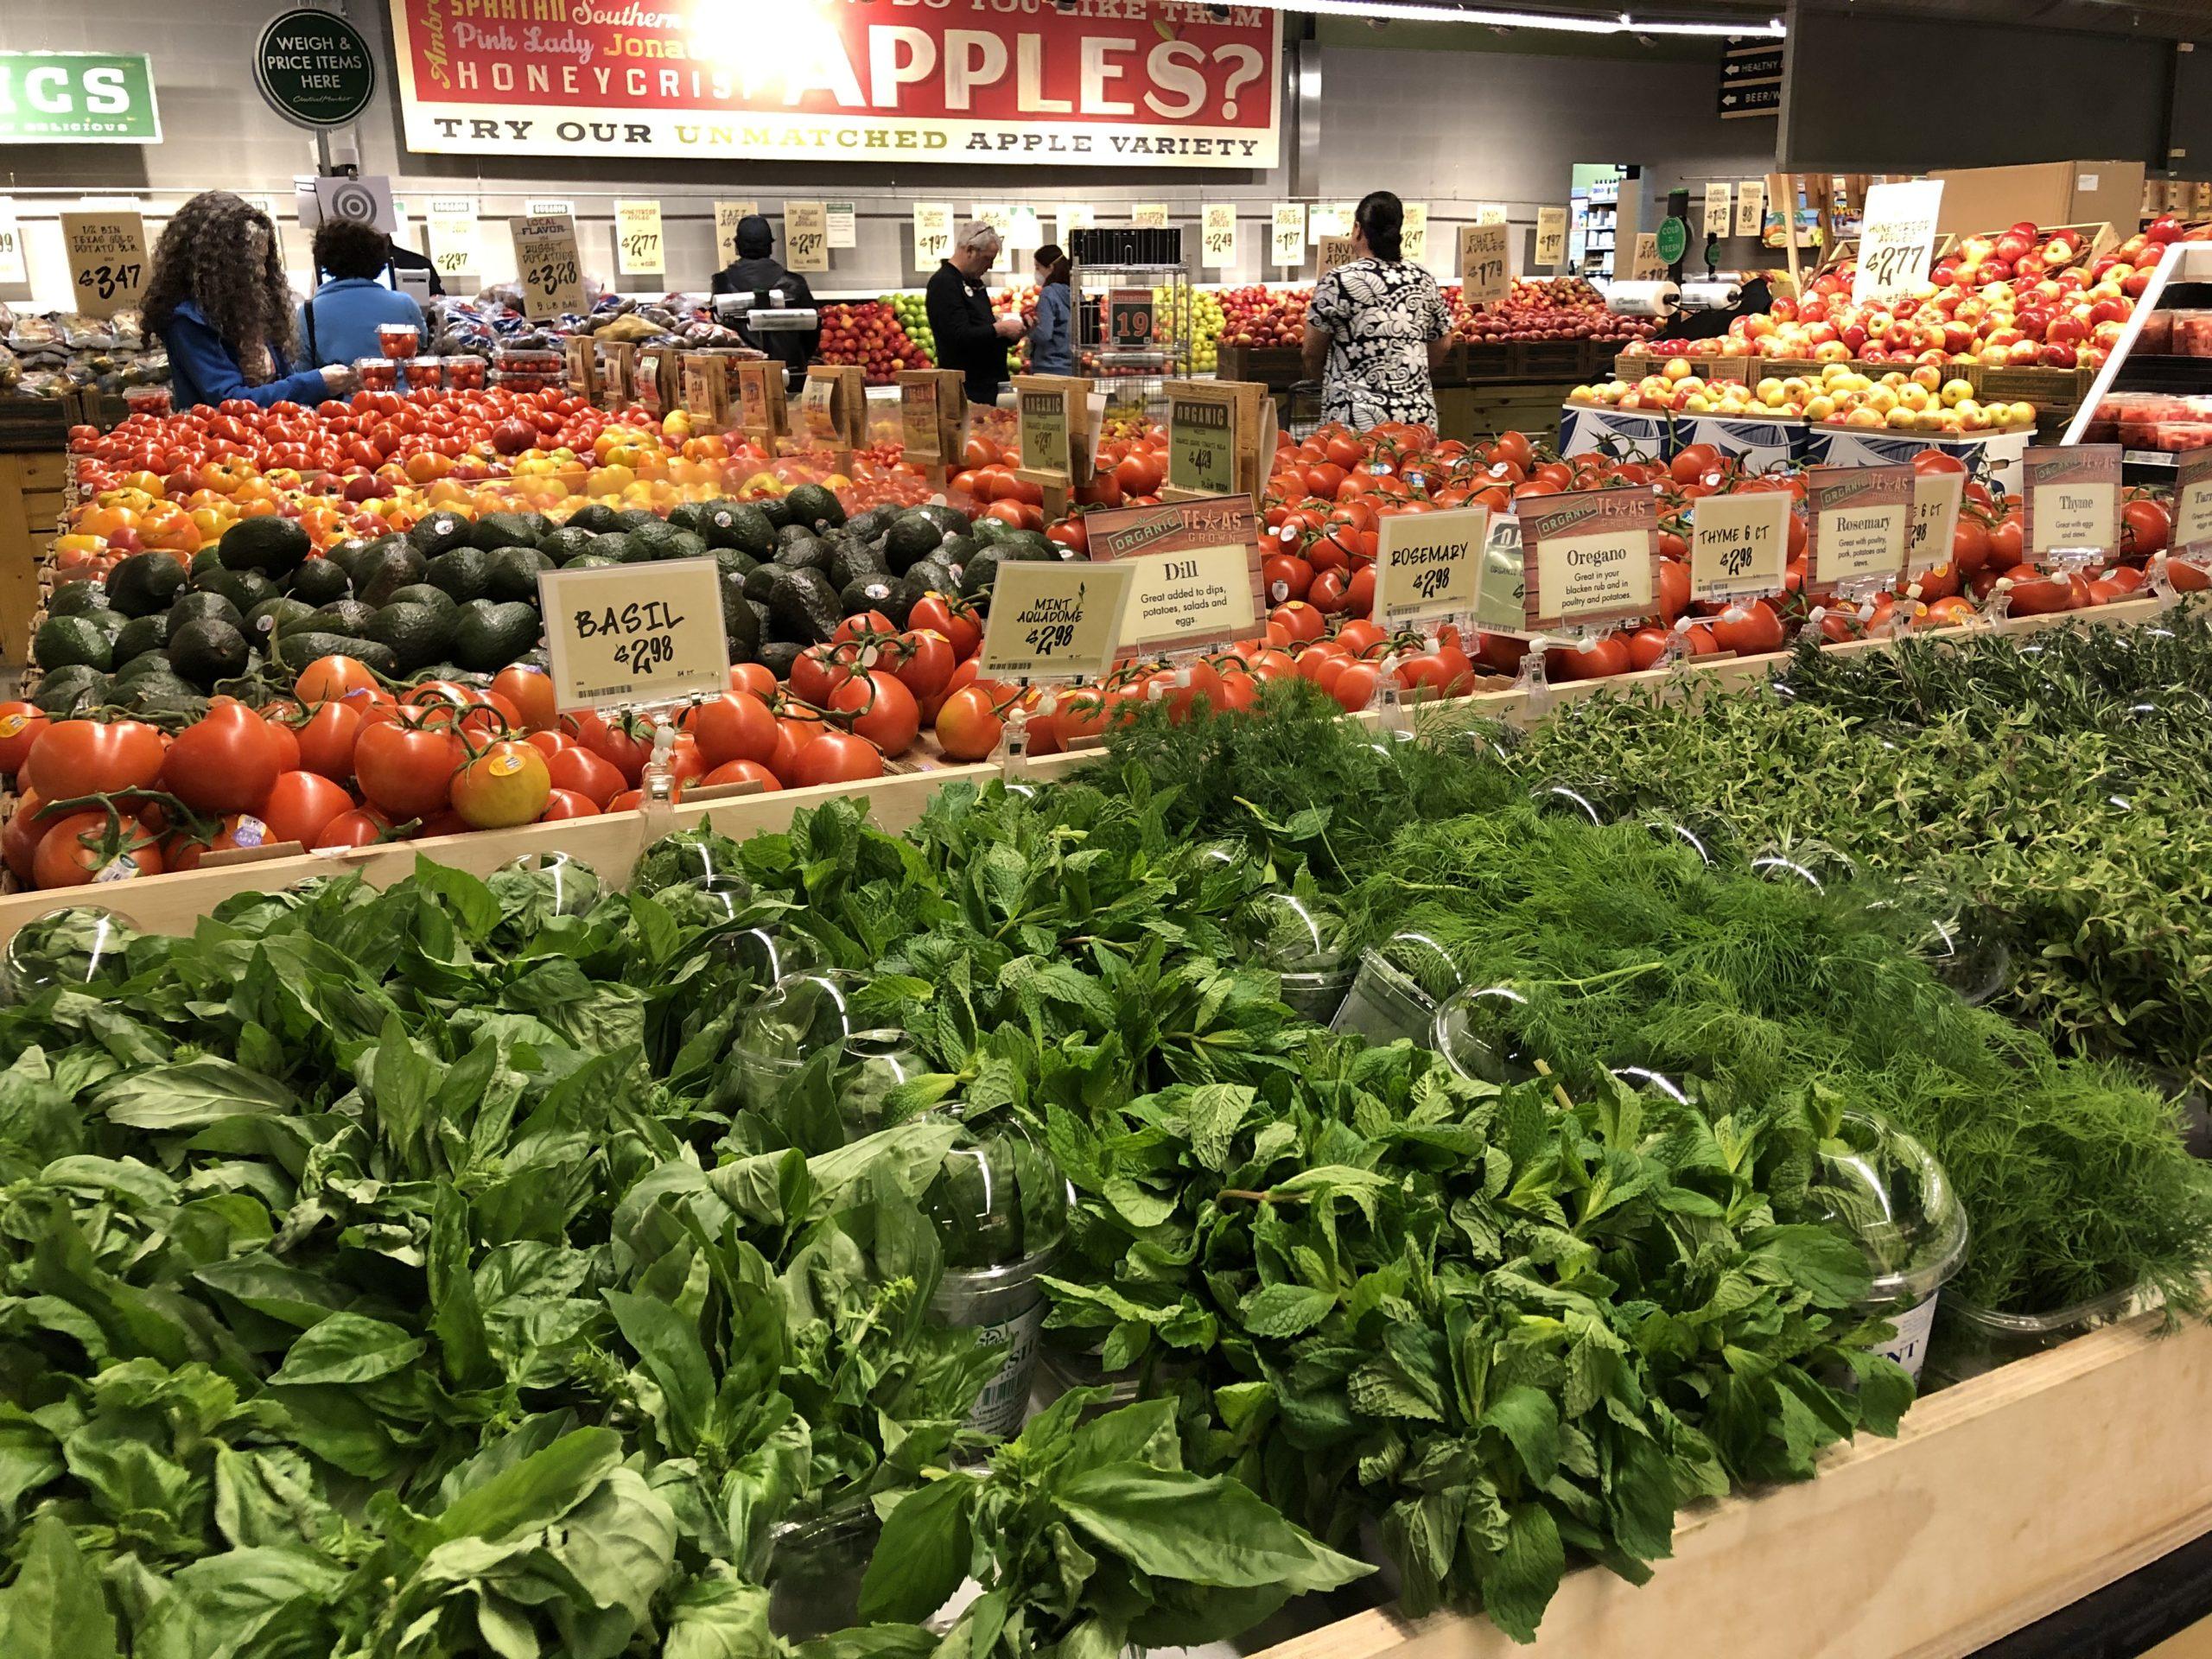 【テキサス】セントラルマーケット【プレイノの高級スーパー】